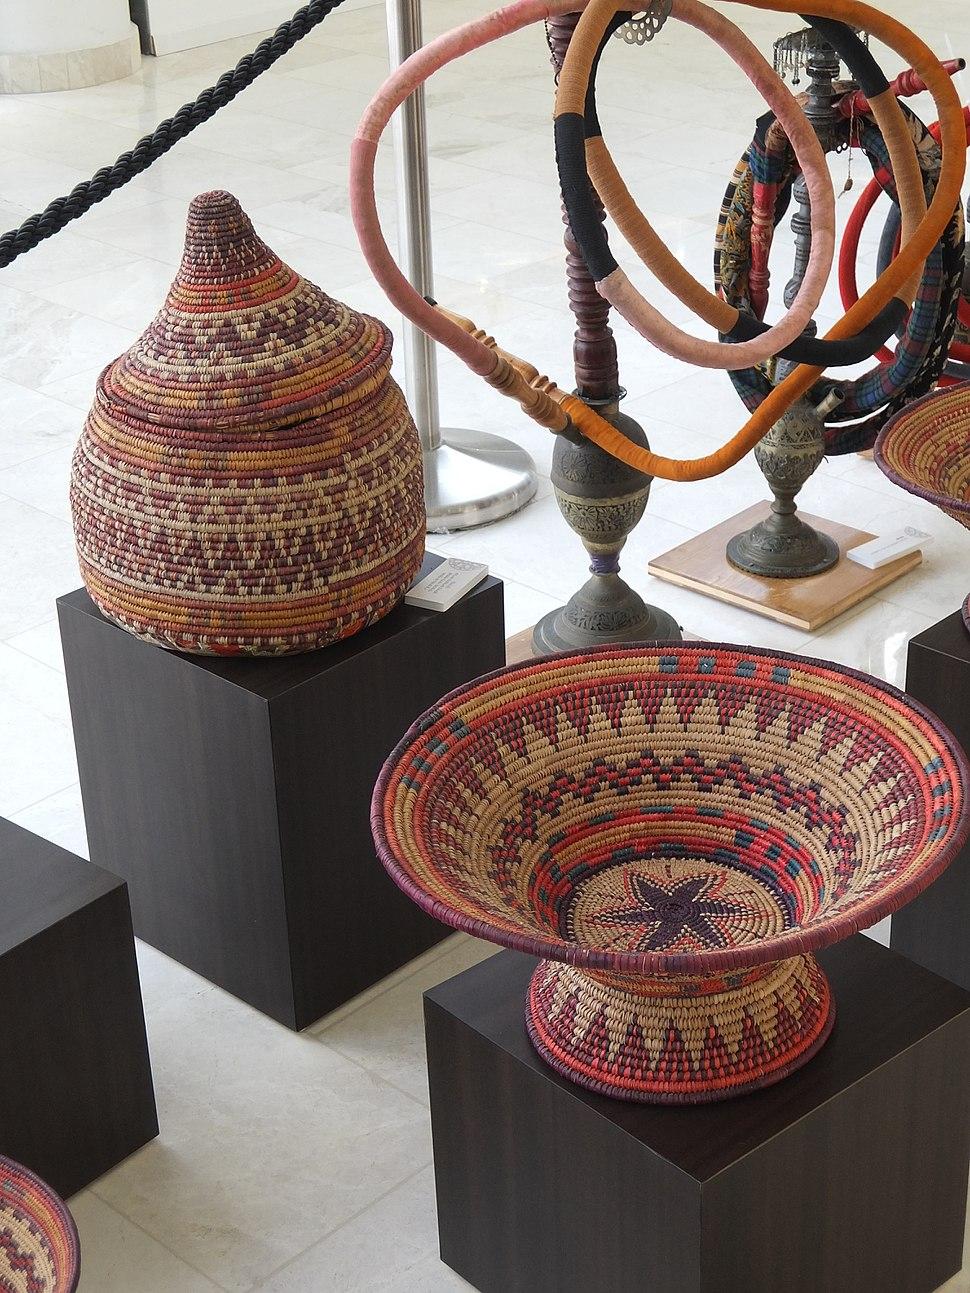 Woven baskets and nargillah